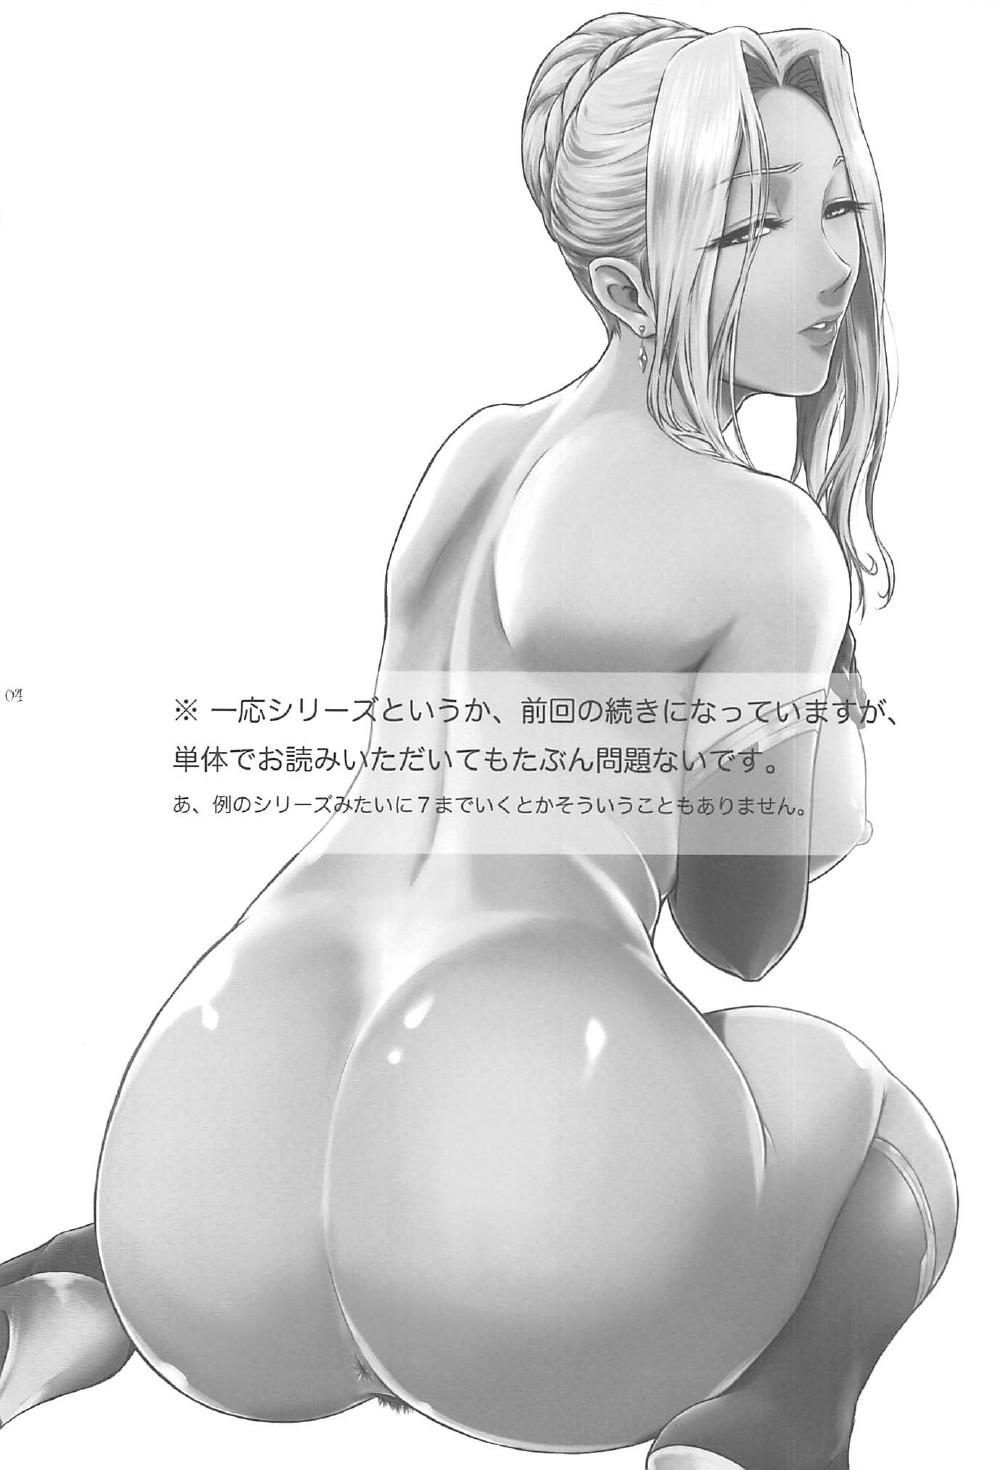 【宇宙戦艦ヤマト2199 エロ漫画・エロ同人】巨乳のエリーサ・ドメルが調教されて肉便器になってるw集団レイプで2穴突かれて潮吹いてるしwww (3)